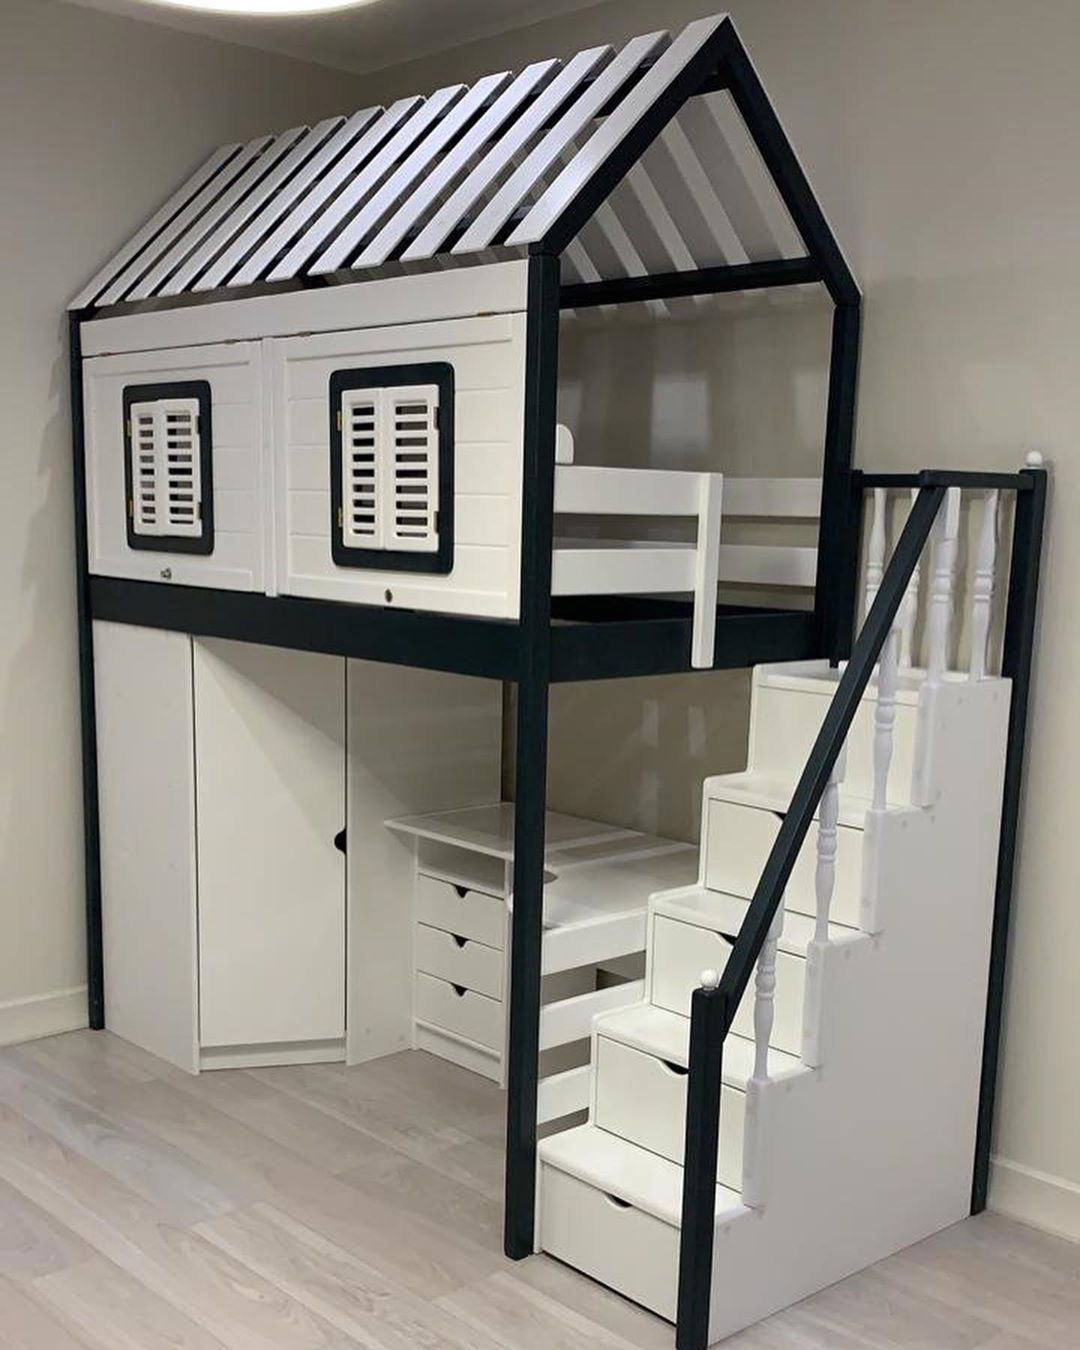 Звездный интерьер: Агата Муцениеце показала, как обустроила детскую в новой квартире